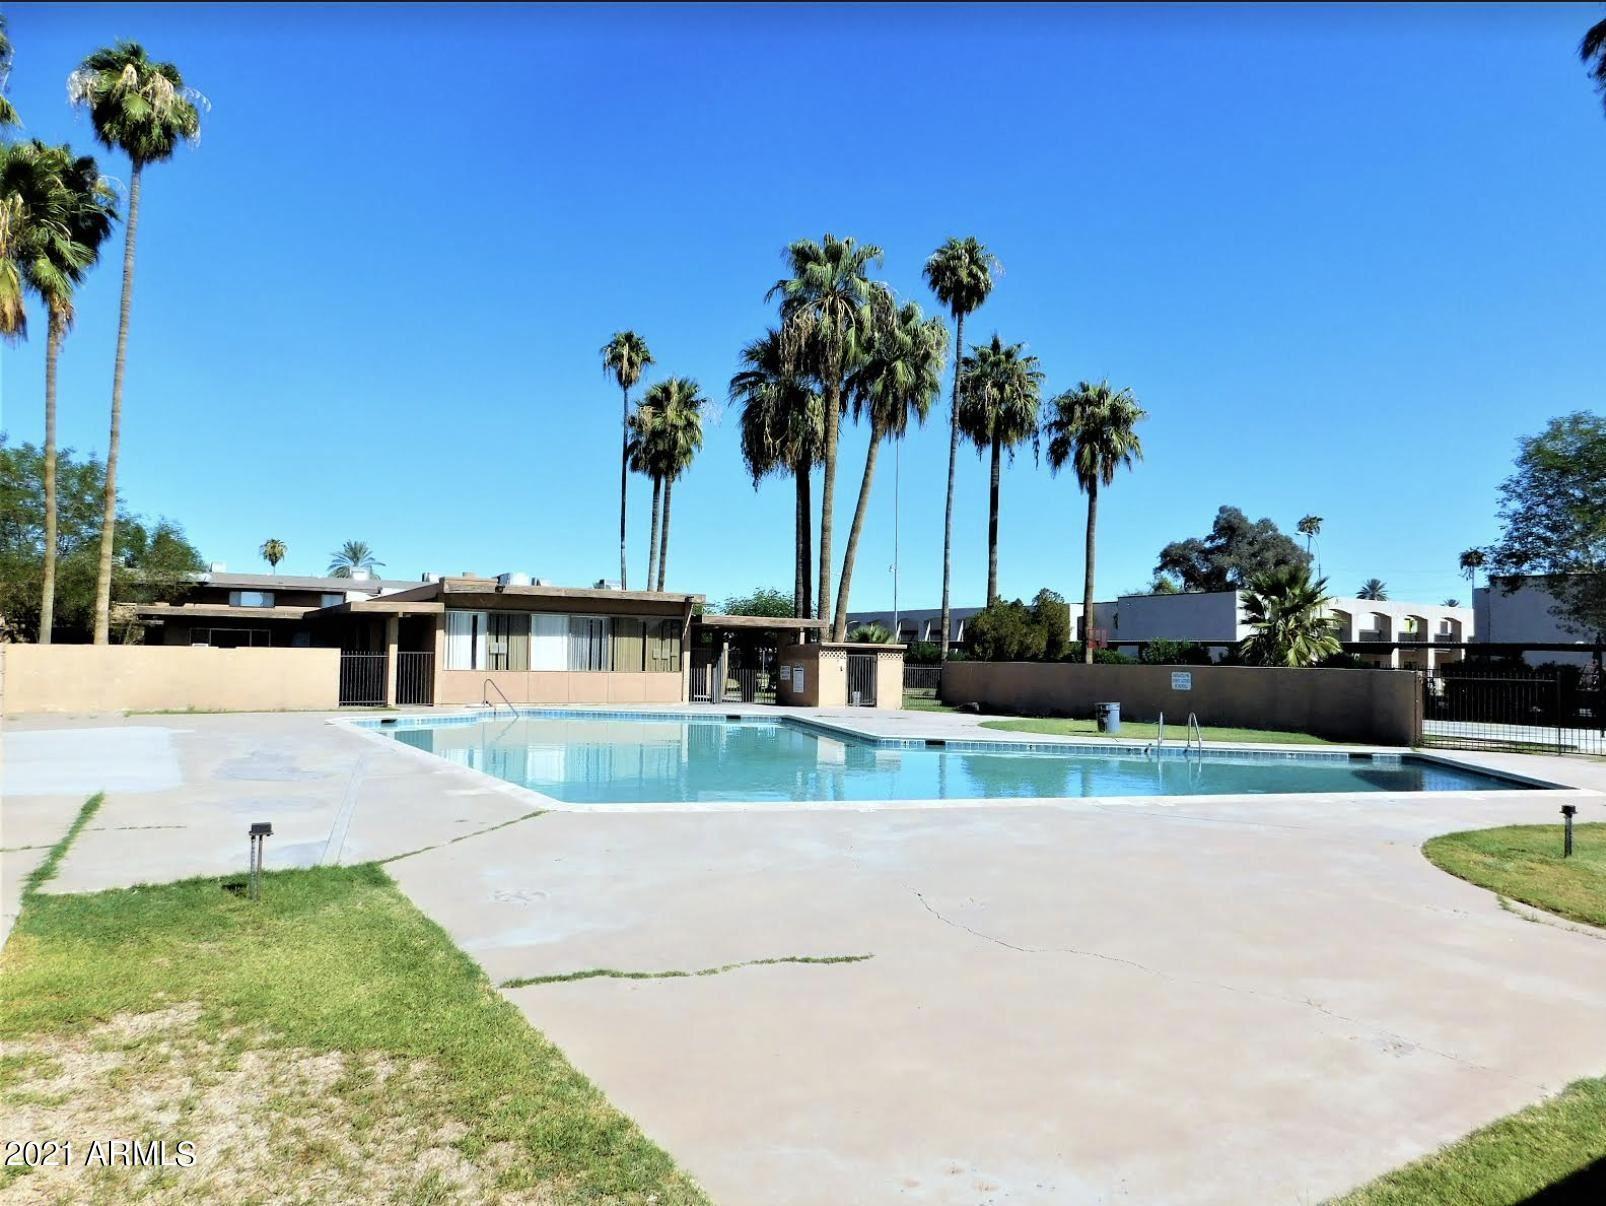 2408 W CAMPBELL Avenue #141, Phoenix, AZ 85015 - MLS#: 6199765